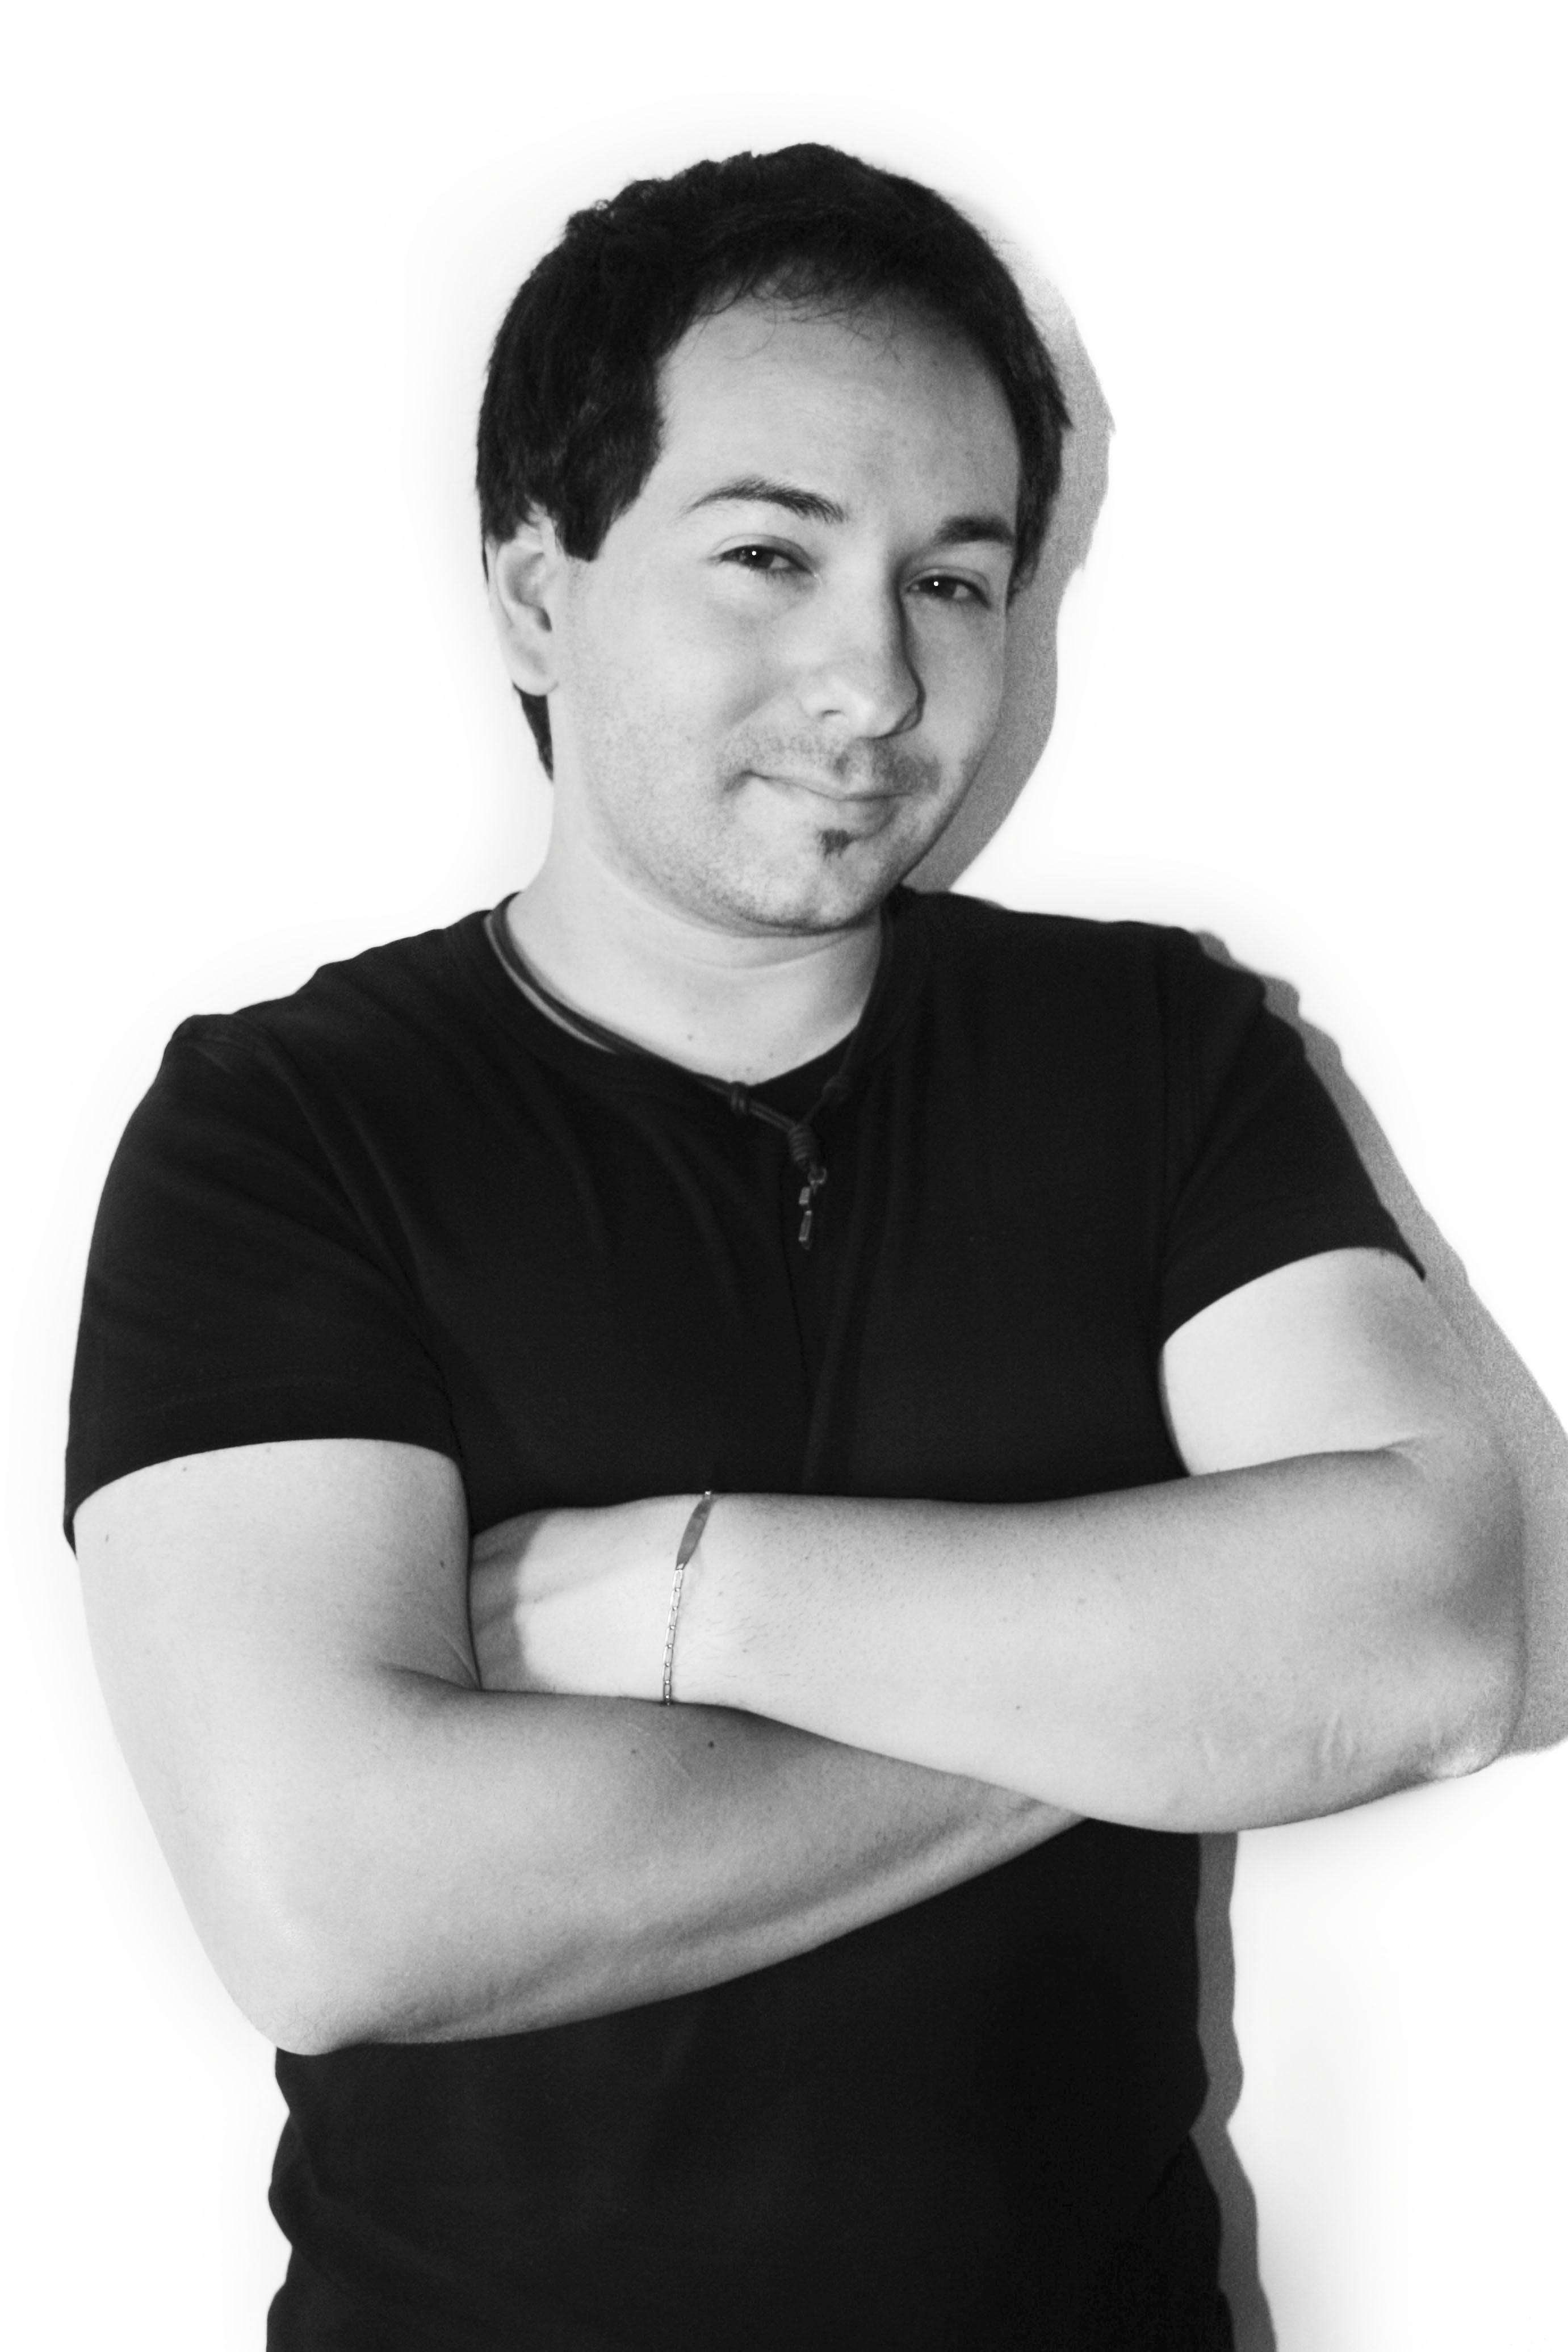 Entrevista a Tony Jiménez, cuando lo siniestro se convierte en arte